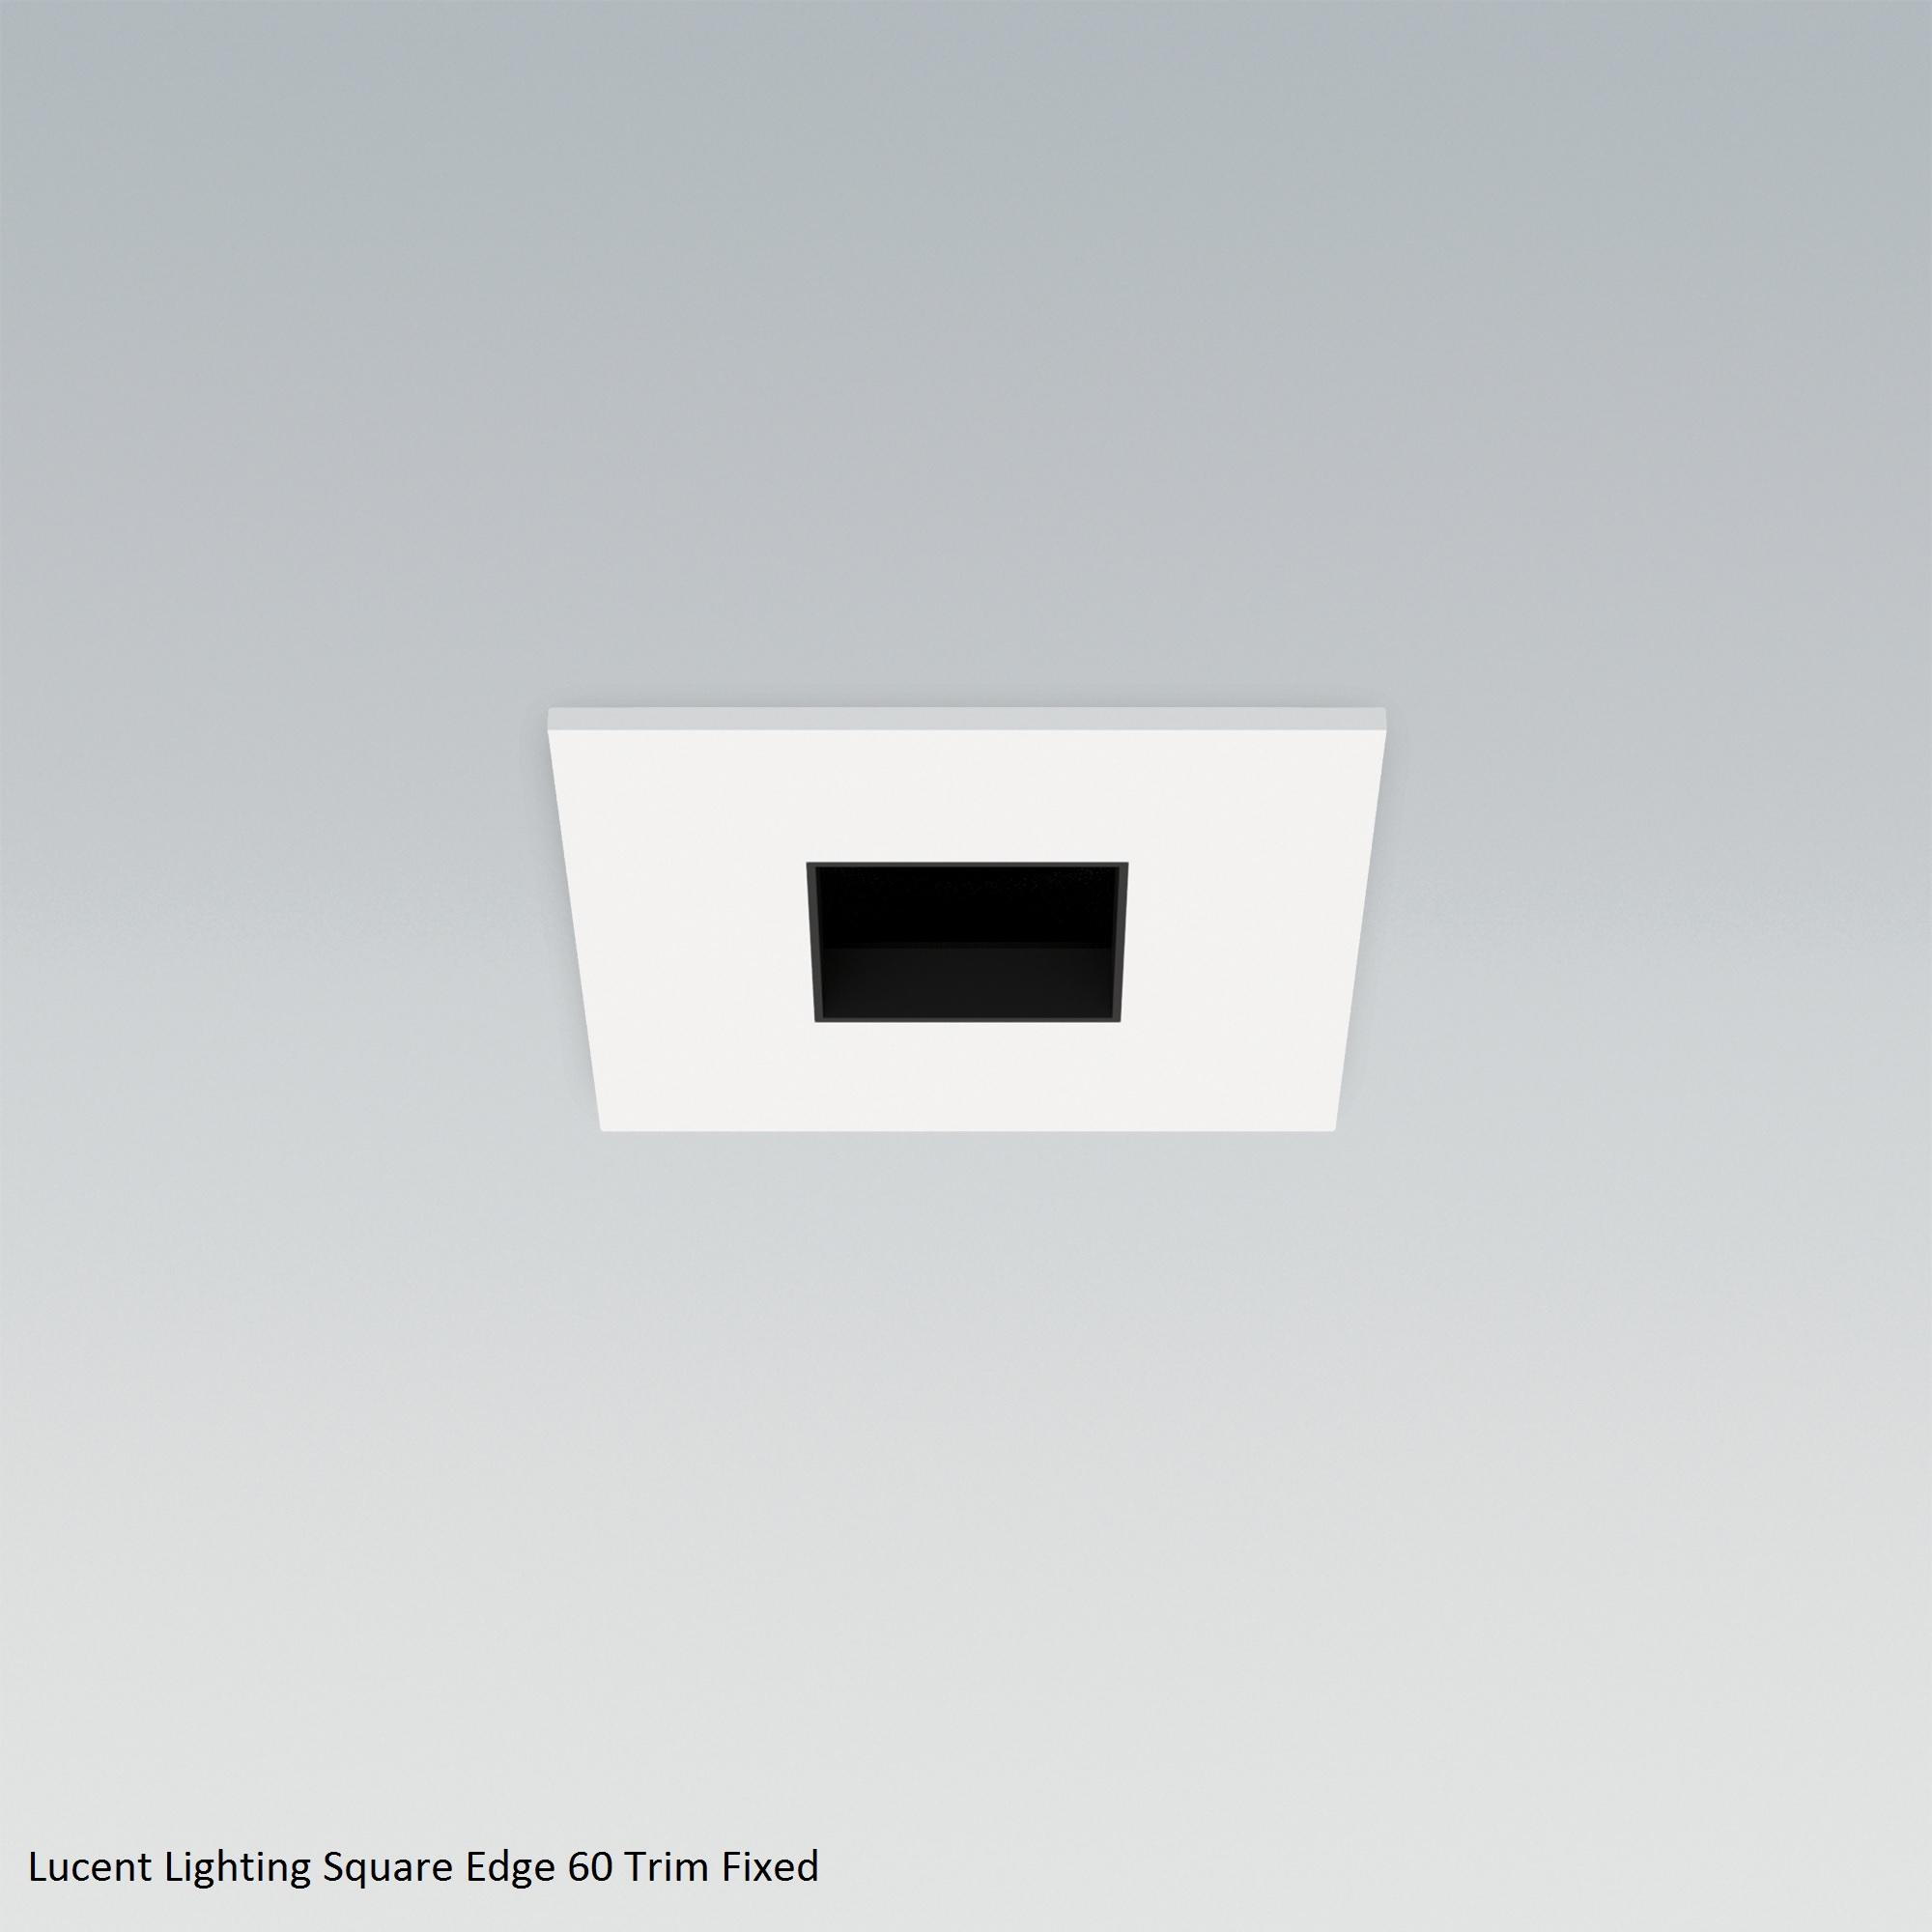 lucent-lighting-square-edge-60-trim-fixed